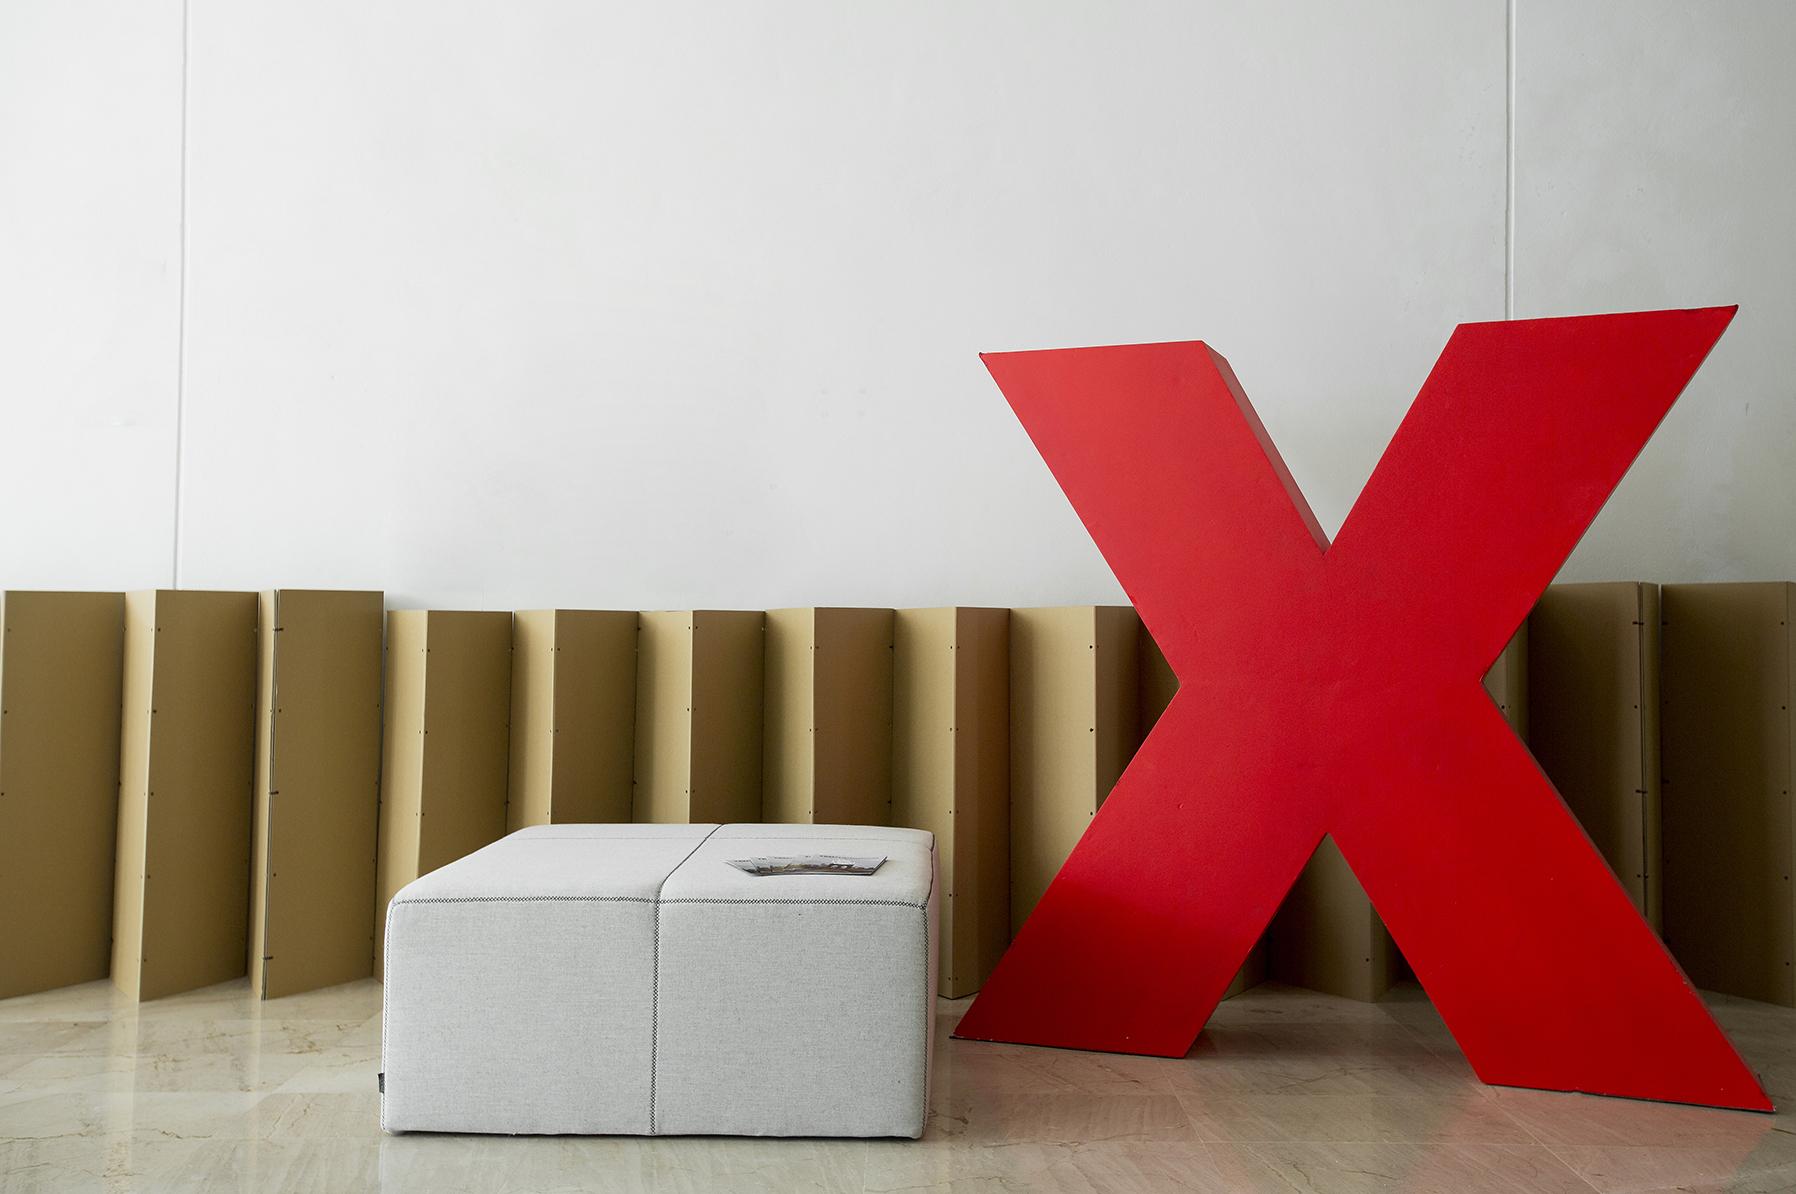 Montaje evento efímero control acceso y phtotocall Conferencias TEDx UPV Valencia